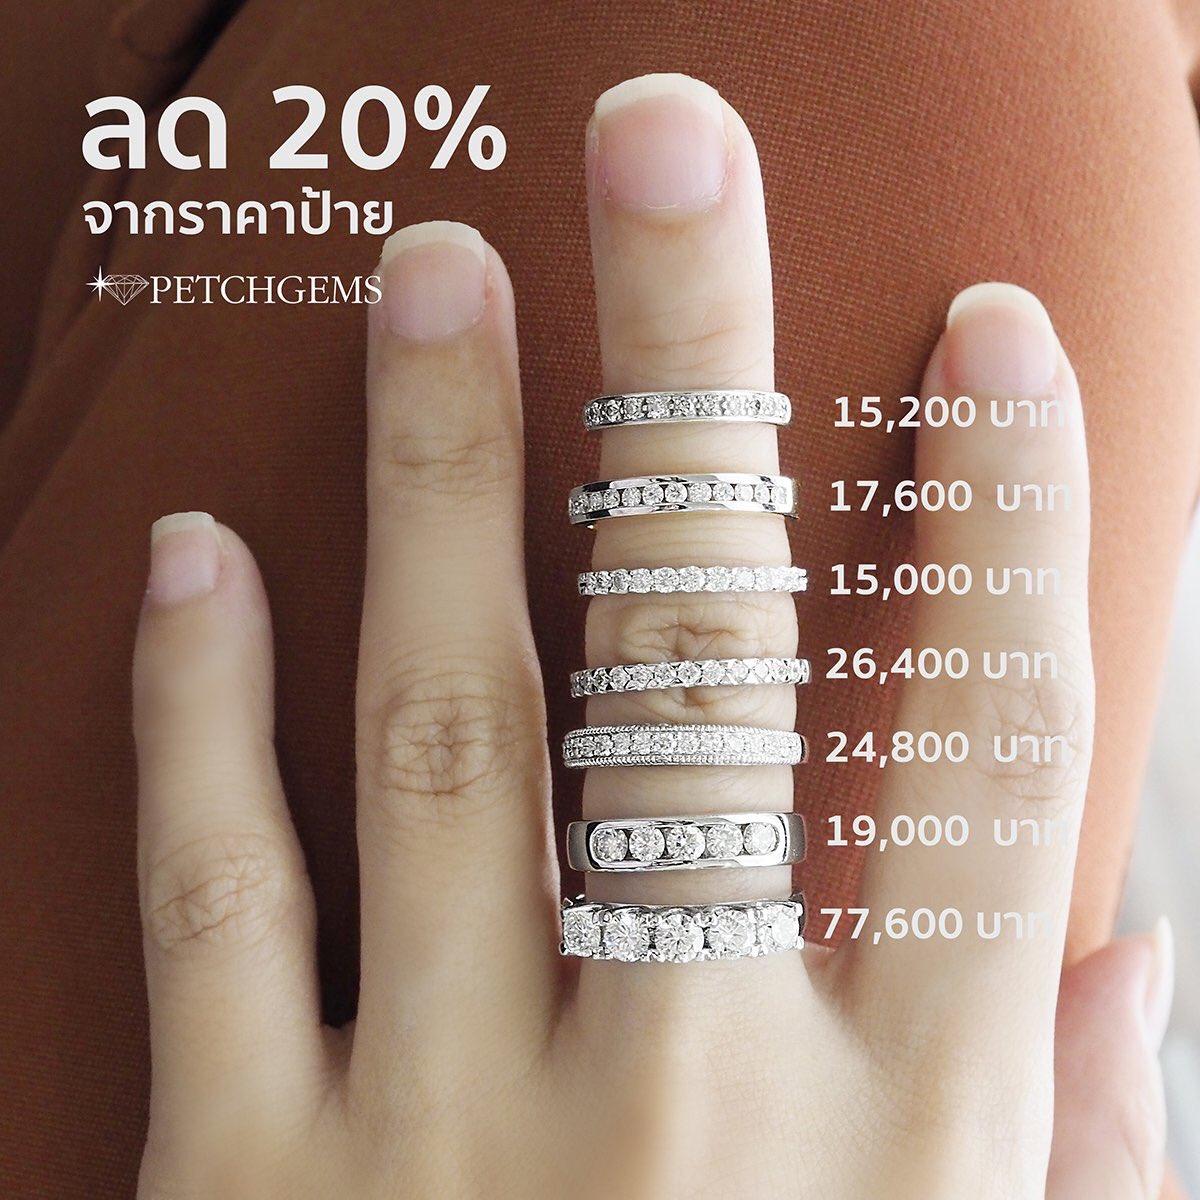 ลด 20% อยู่นะคะ มาช้อปกันเพลินๆ #แหวนแถว #เพชรแท้ ราคาดีบอกเลยว่าไม่ได้หาได้ง่ายๆ เพชรคุณภาพ เพชรเบลเยี่ยมค่ะ #แหวนเพชร #เพชรเจมส์